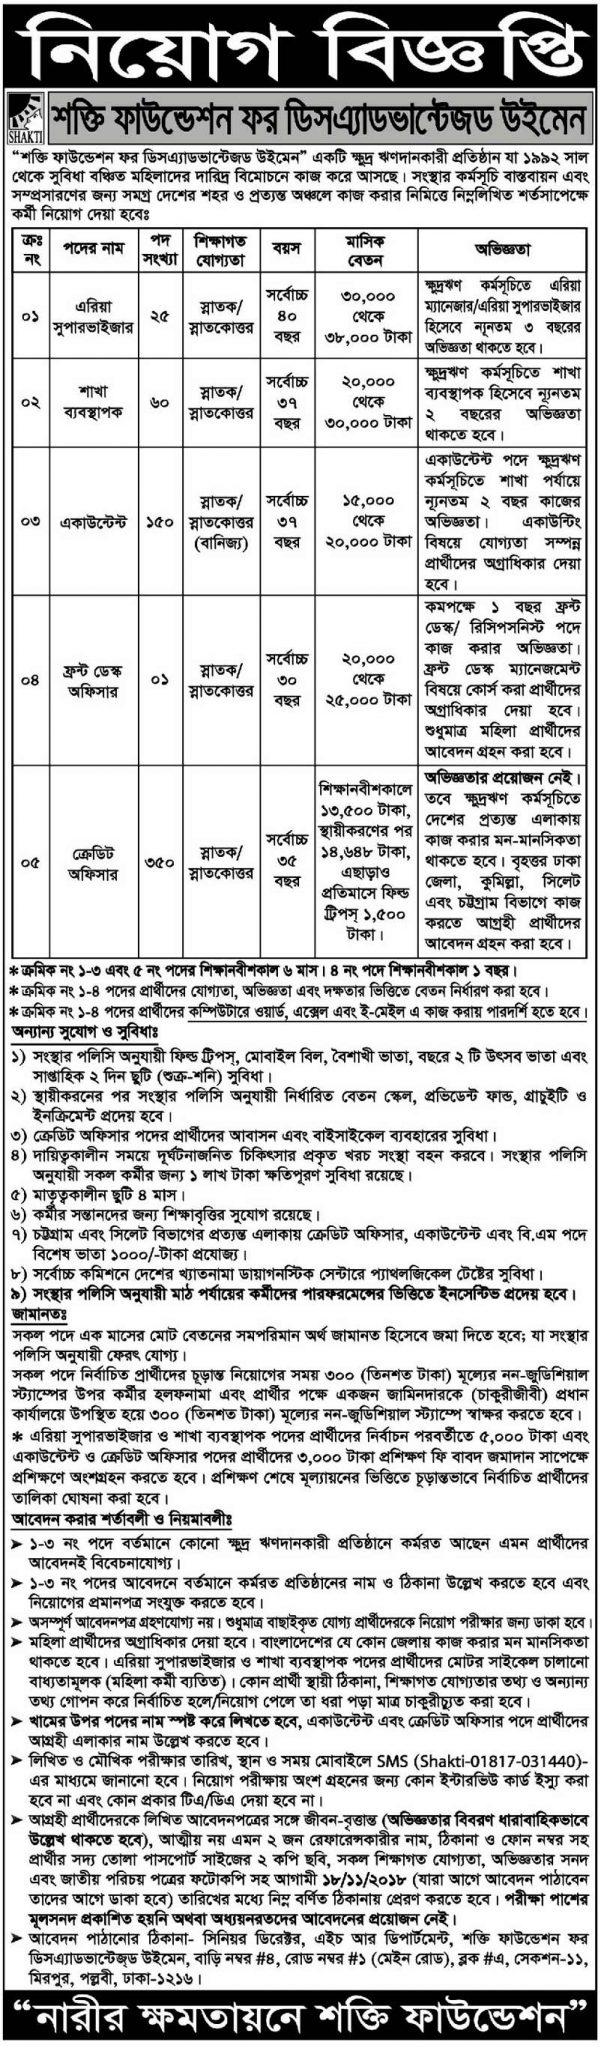 Shakti Foundation Job Circular 2018